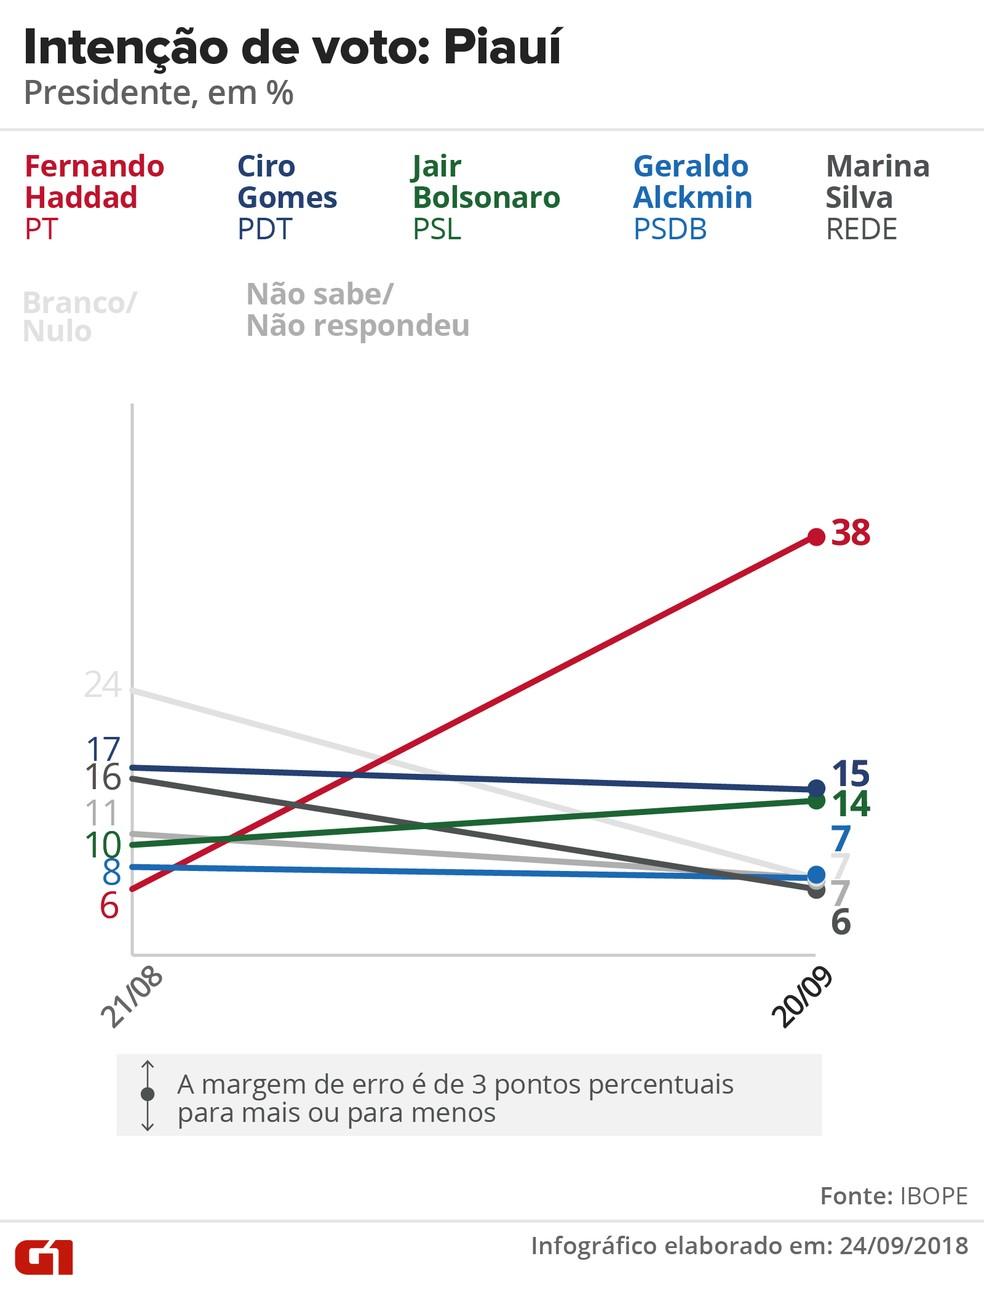 Pesquisa Ibope - evolução da intenção voto para presidente no Piauí. — Foto: Arte/G1